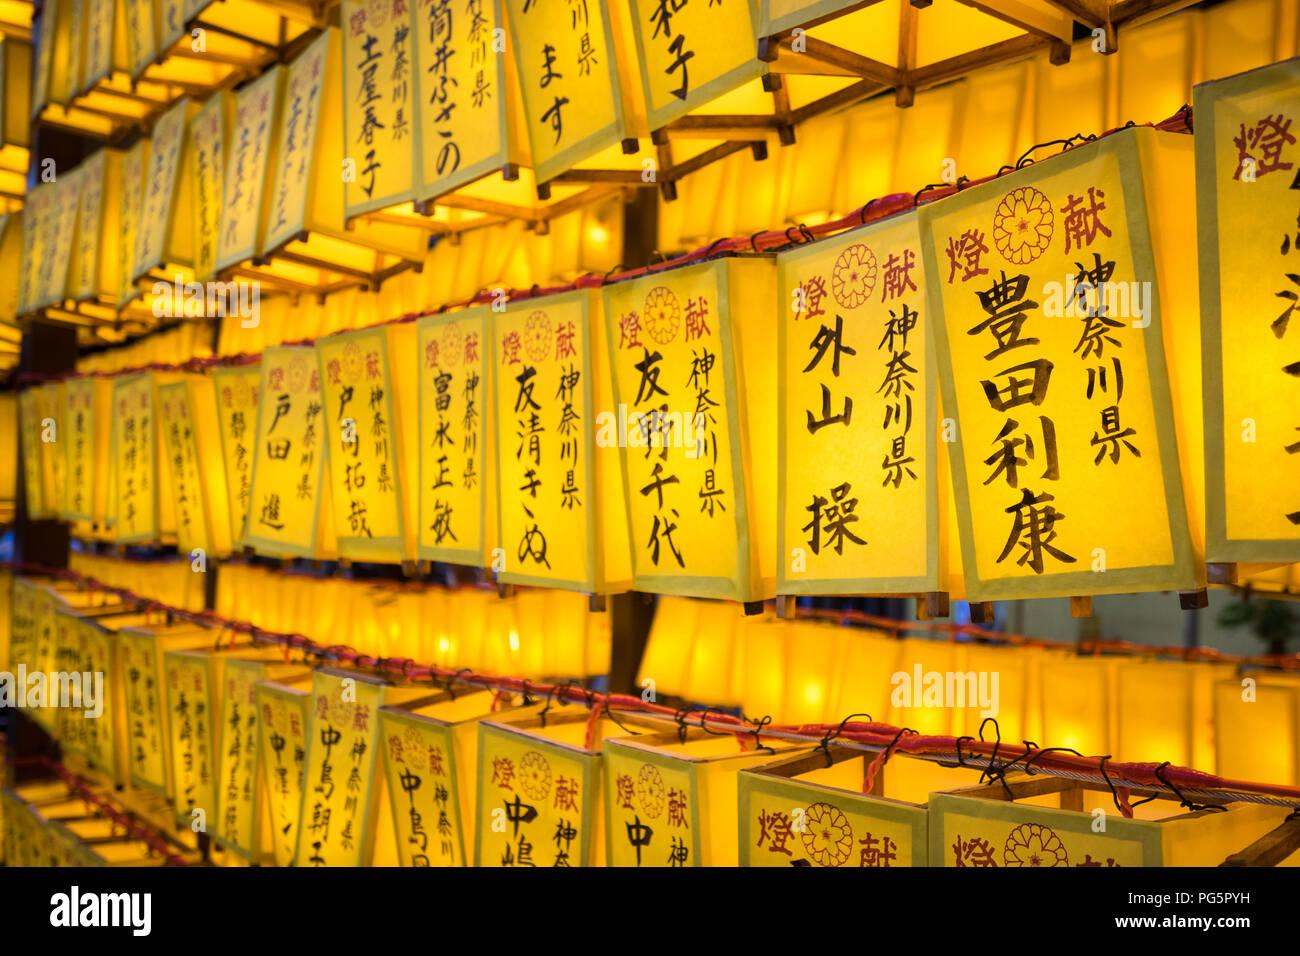 Linternas de los 2018 Mitama Mitama Matsuri (Festival), un famoso japonés Obón (Bon) festival de verano. El Santuario de Yasukuni, Ichigaya, Tokio, Japón. Imagen De Stock